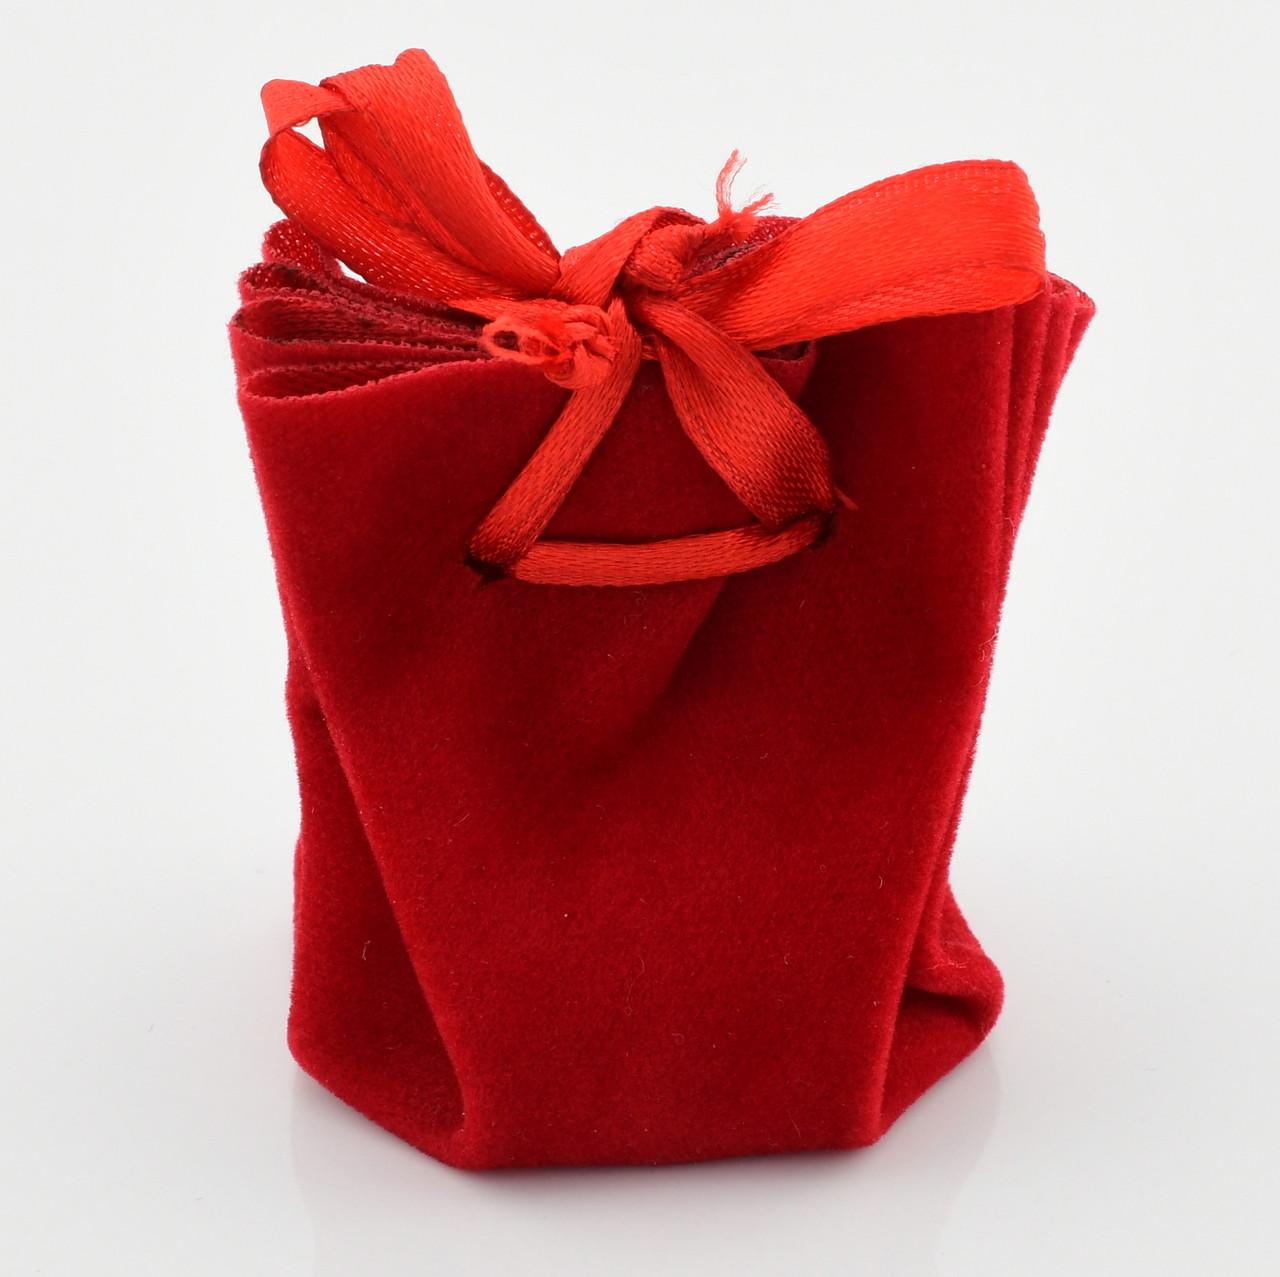 Подарочный мешочек красный 741212 размер 6*5 см